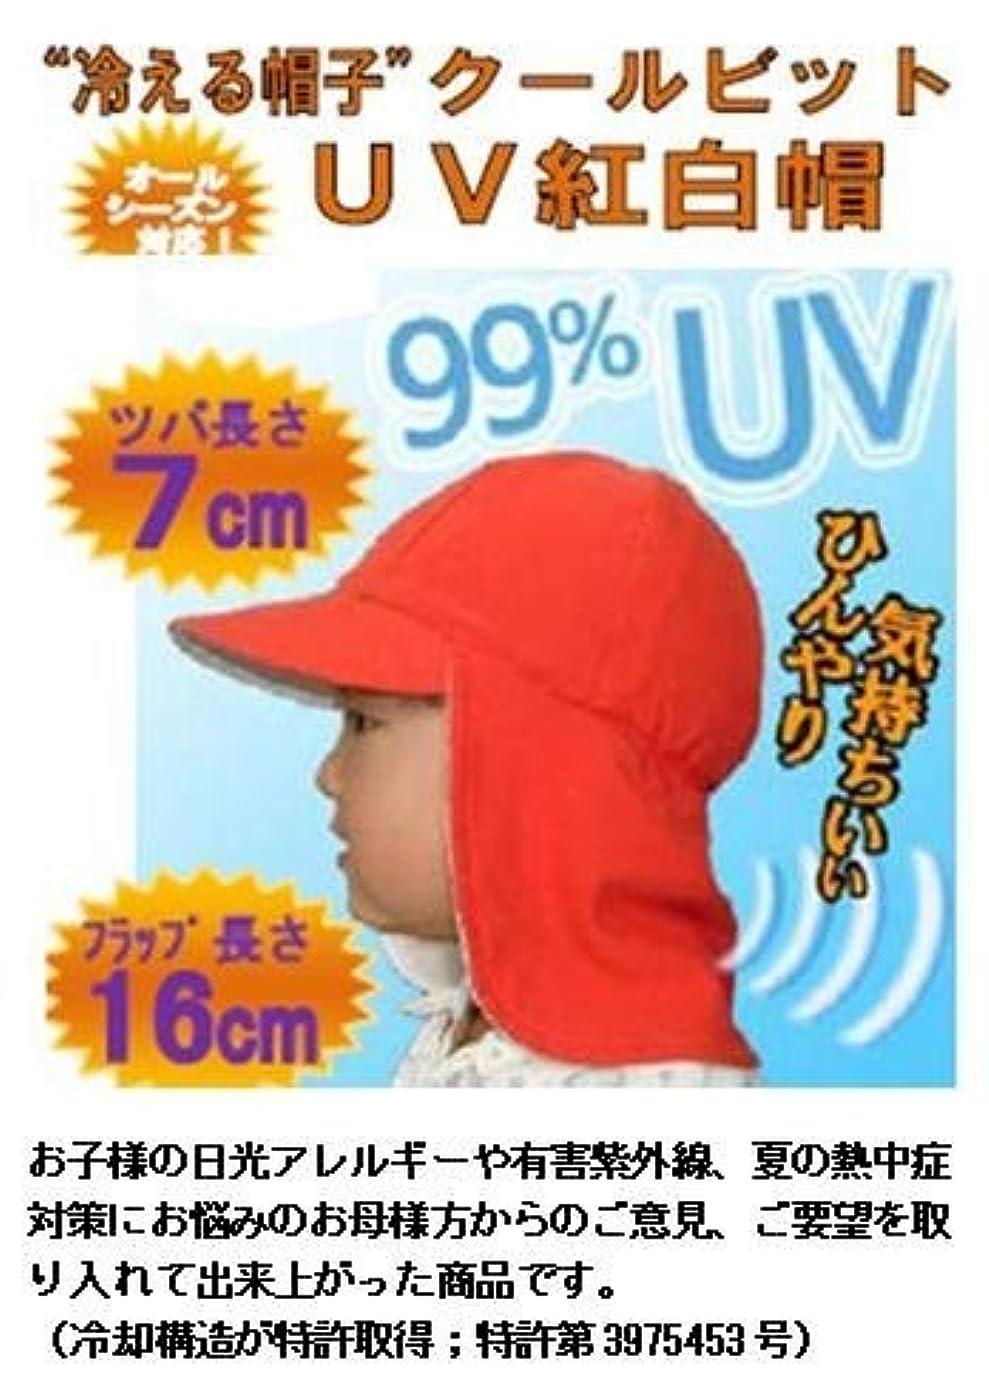 収容する作るトリップ99%のUV遮蔽率 & 気化熱冷却機能の、coolbit 紅白帽(WR-S701L),長めのツバと幅広フラップで有害紫外線からしっかりガード、サイズ54-58cm、真夏の熱中症対策にも役立ち、お子様のデリケートな肌を守ります!